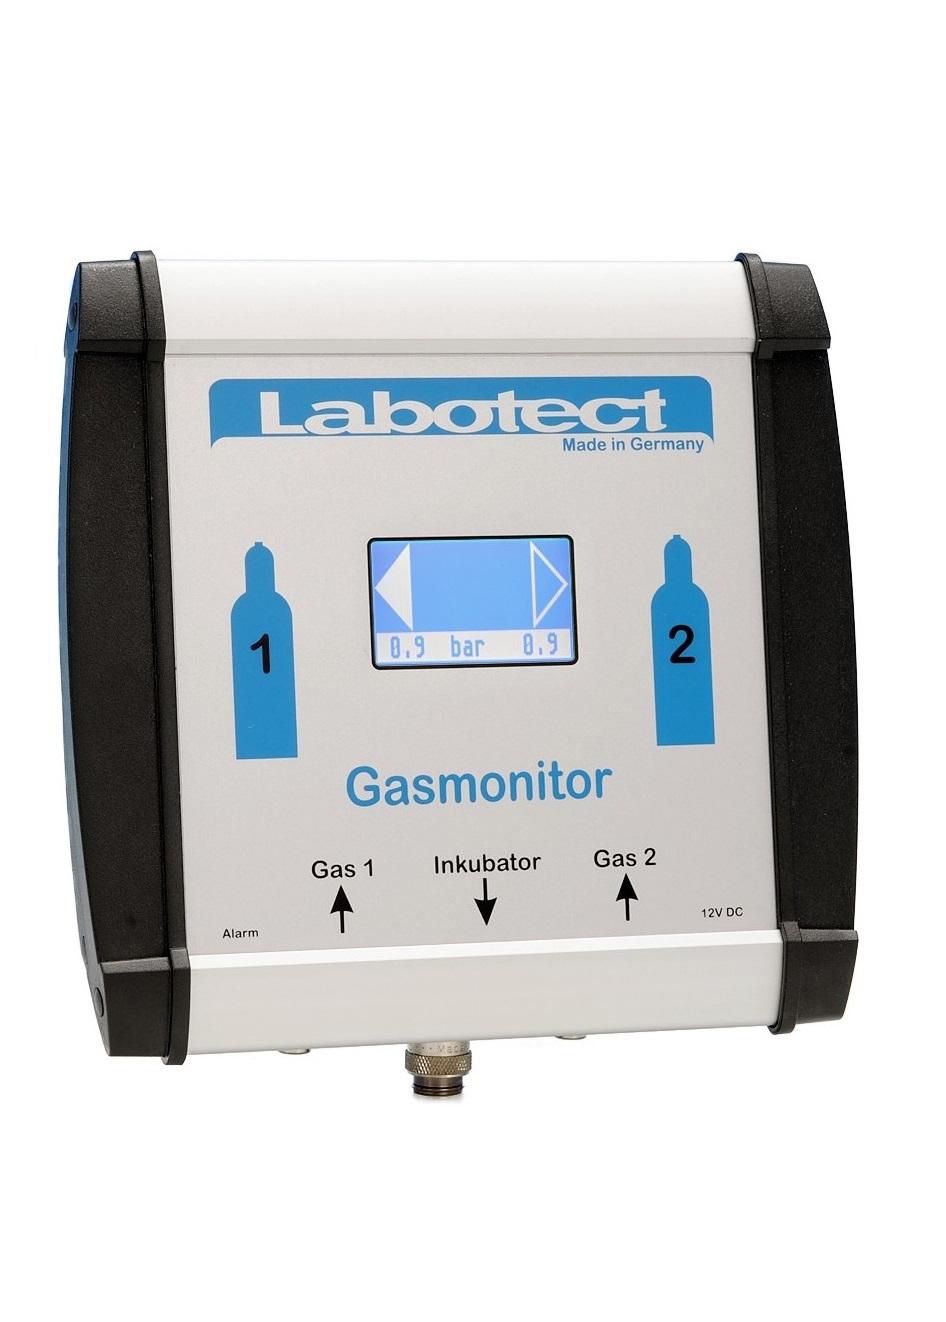 Labotect/Gasmonitor/Gasmonitor/1 Ea